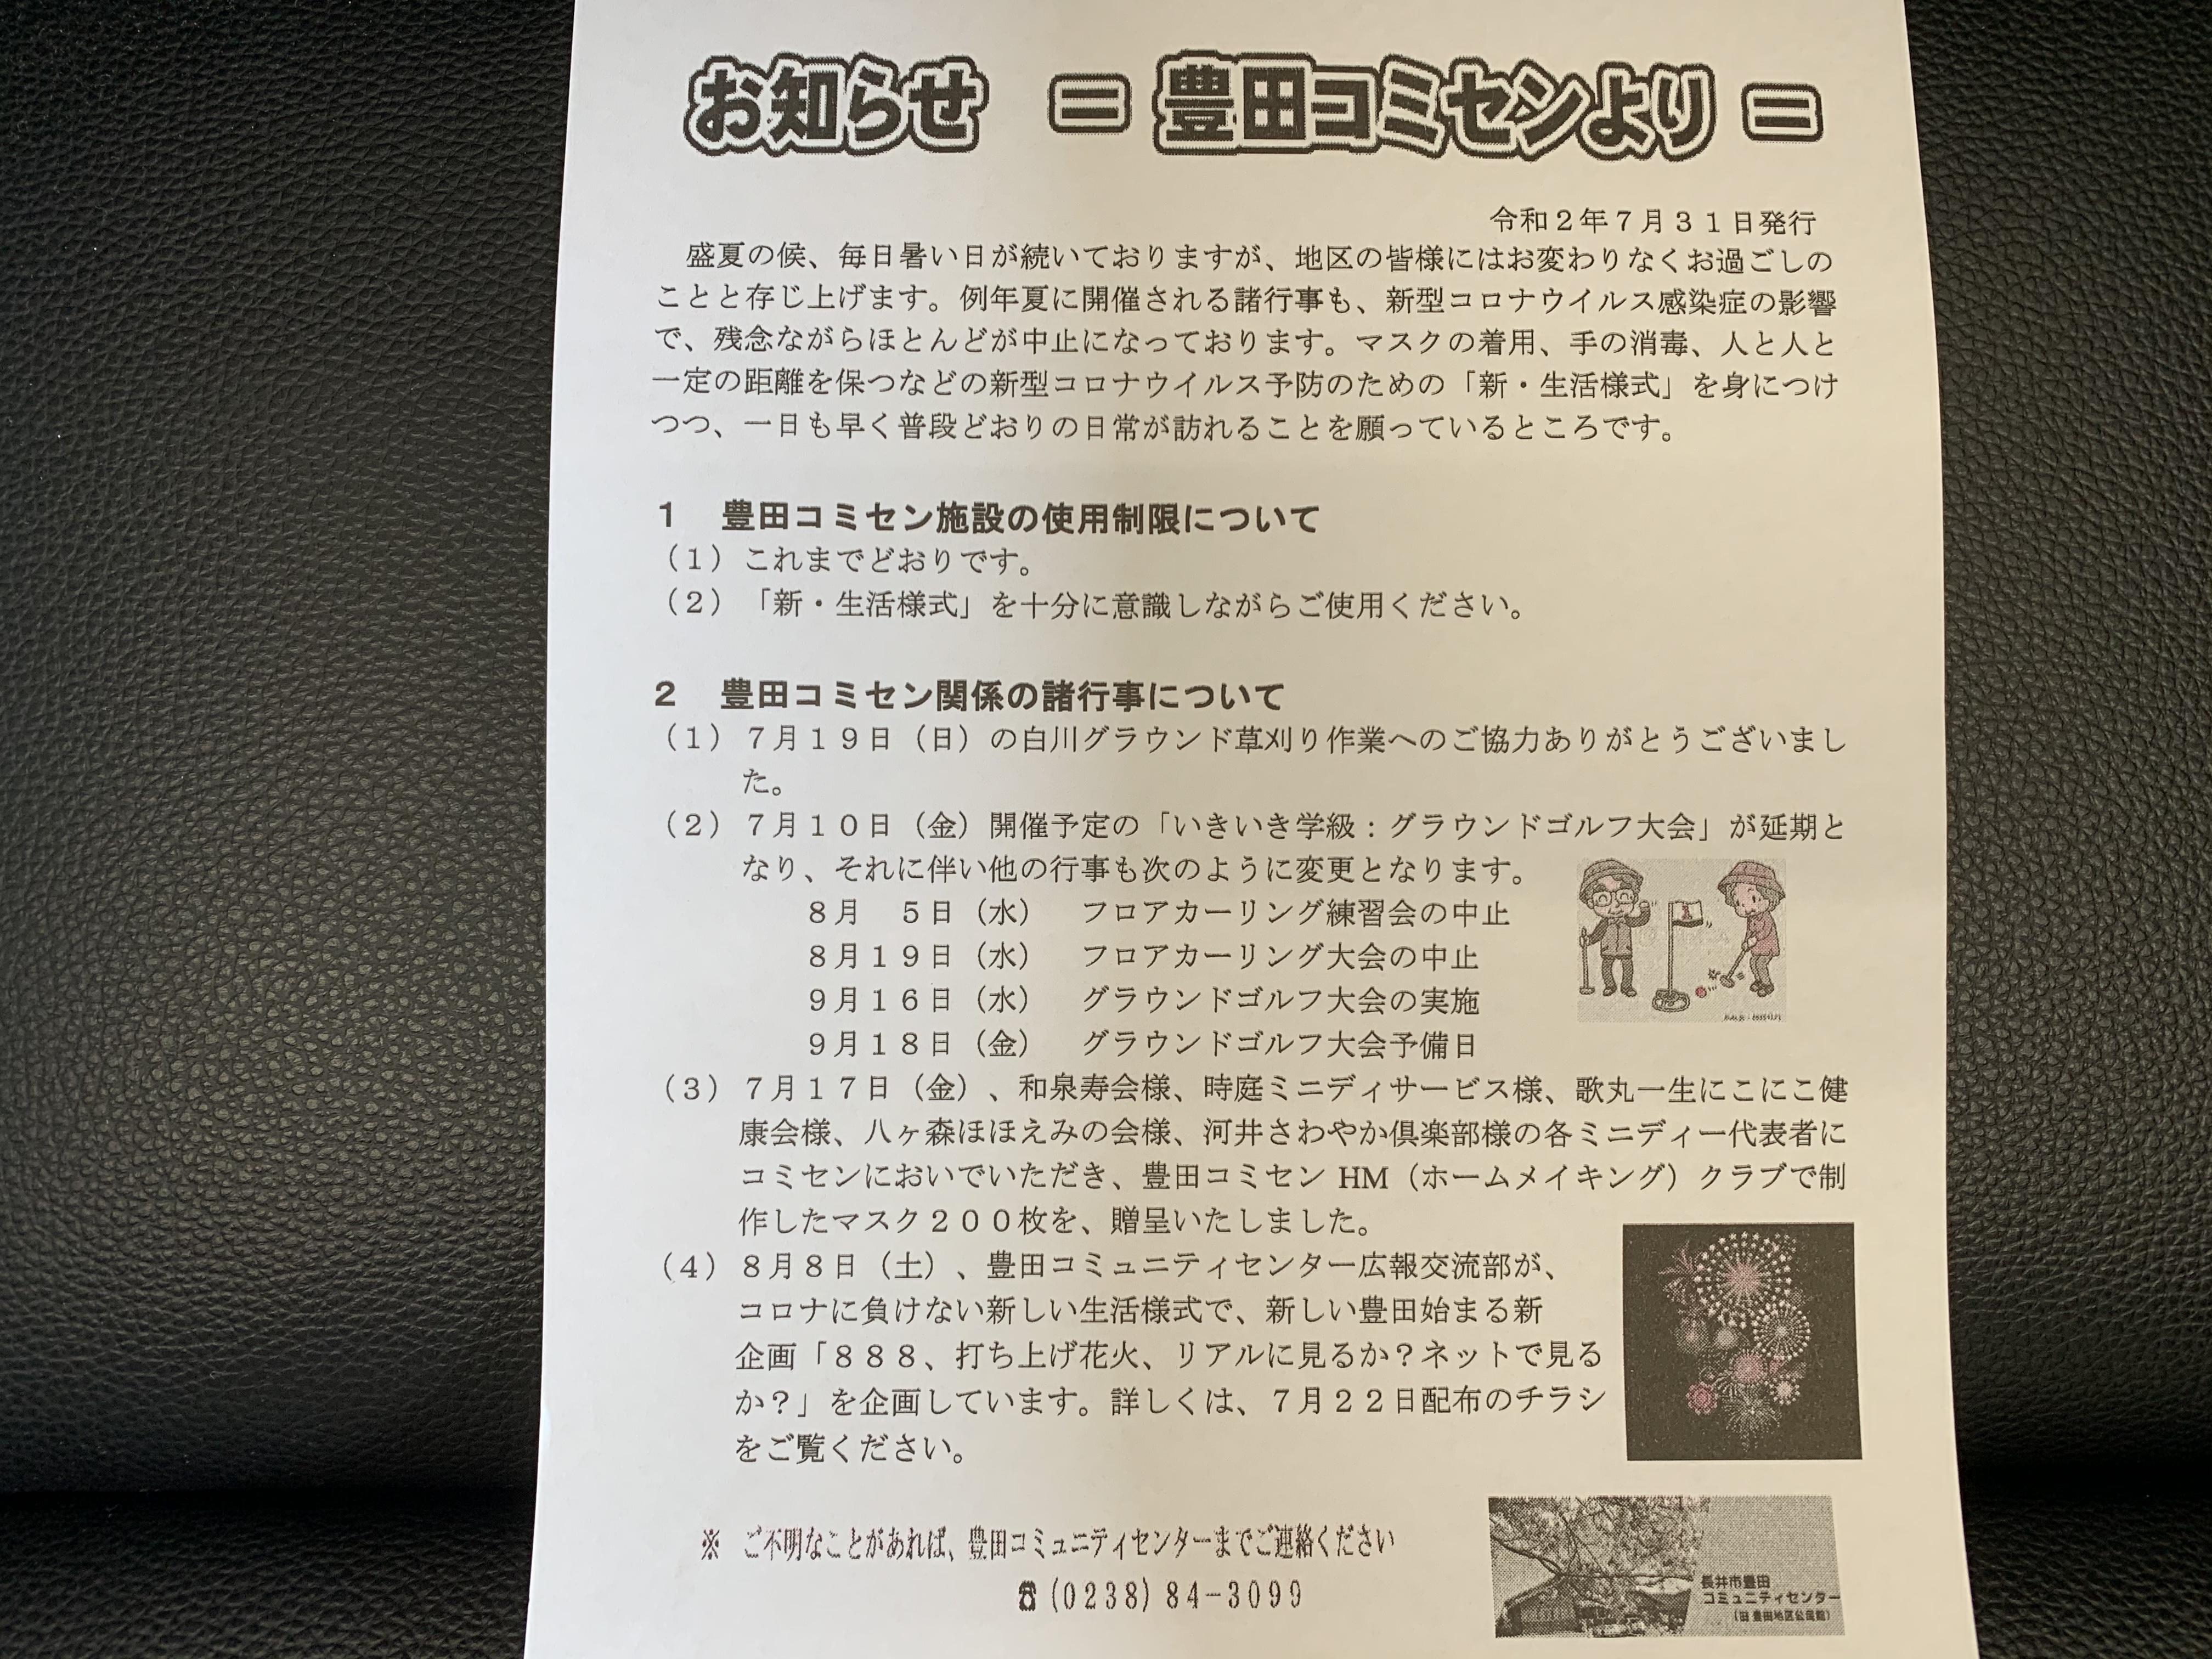 豊田コミュニティセンターからの★お知らせ★:画像